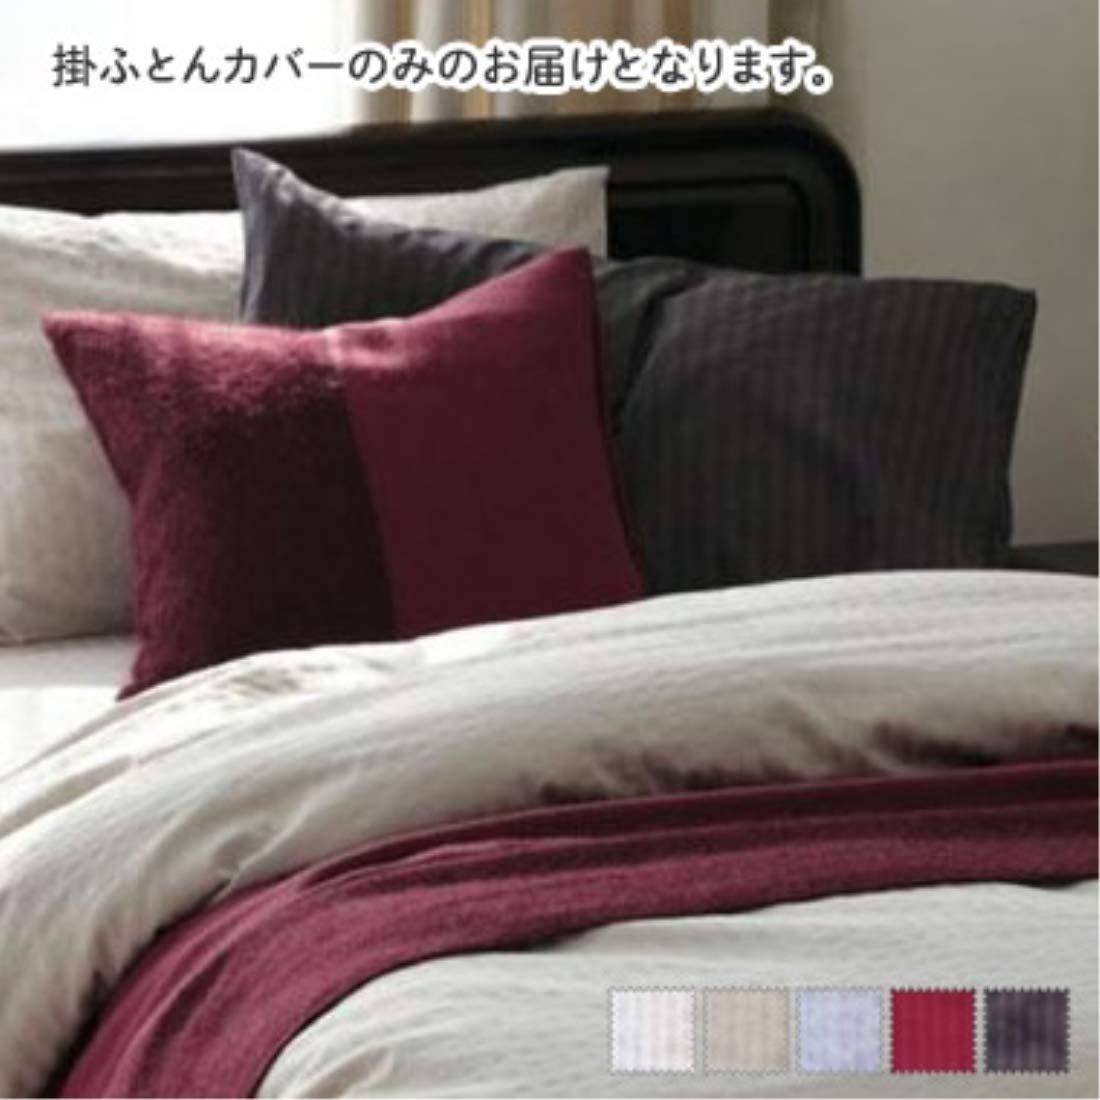 □寝装 寝具関連 おしゃれ□掛ふとんカバー キング ホワイト B07Q8RZ9XC